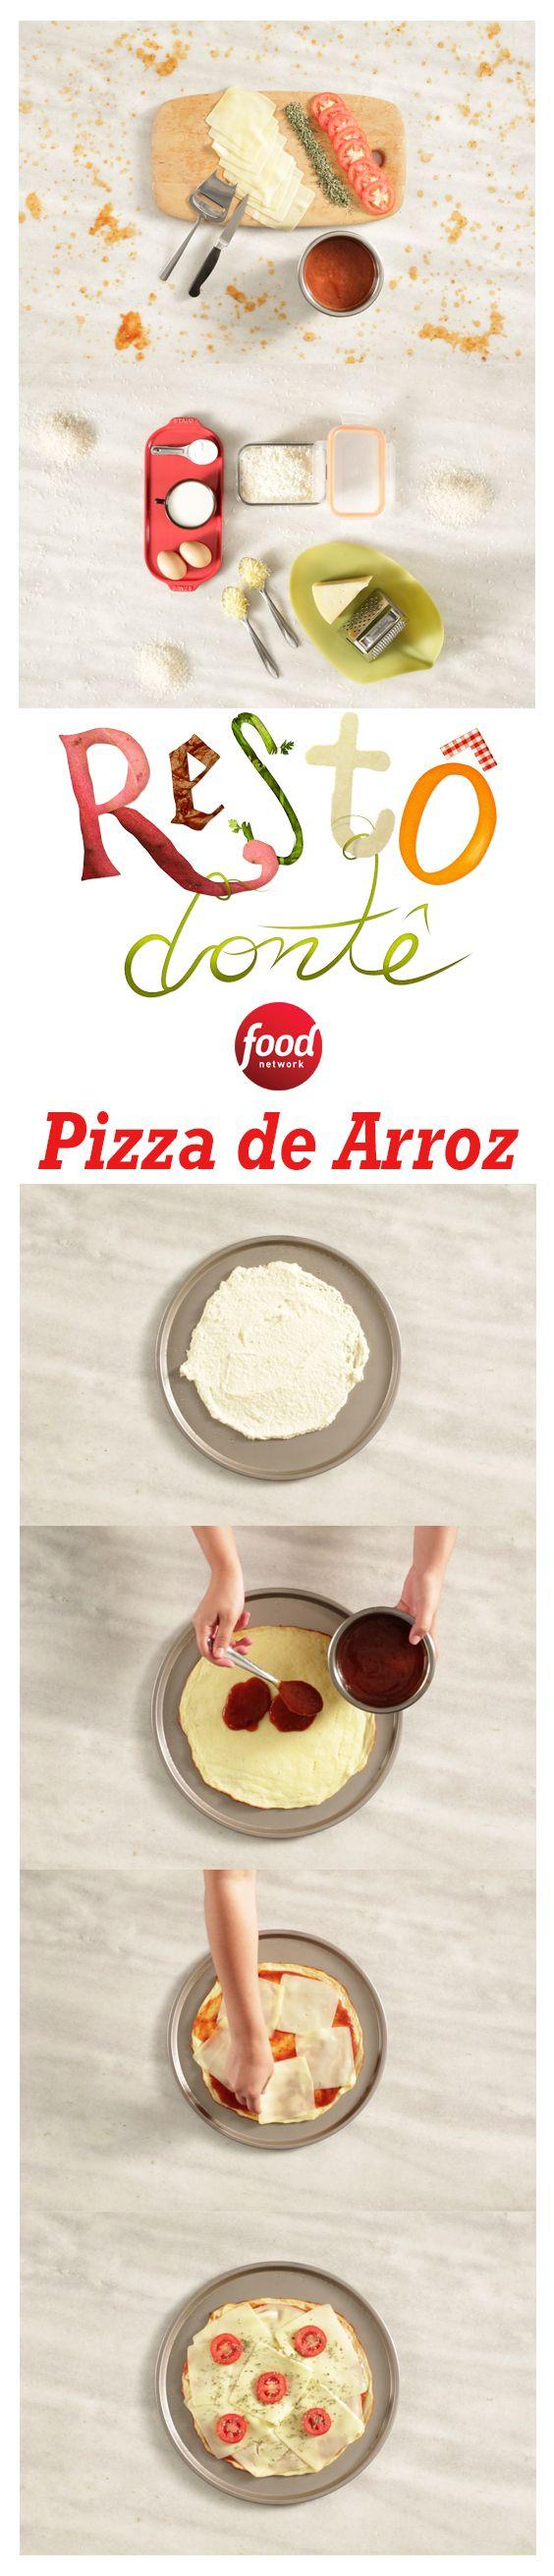 Sobrou Arroz? A gente te ensina uma receita super prática de Pizza com massa de Arroz! Experimente fazer aí na sua casa!